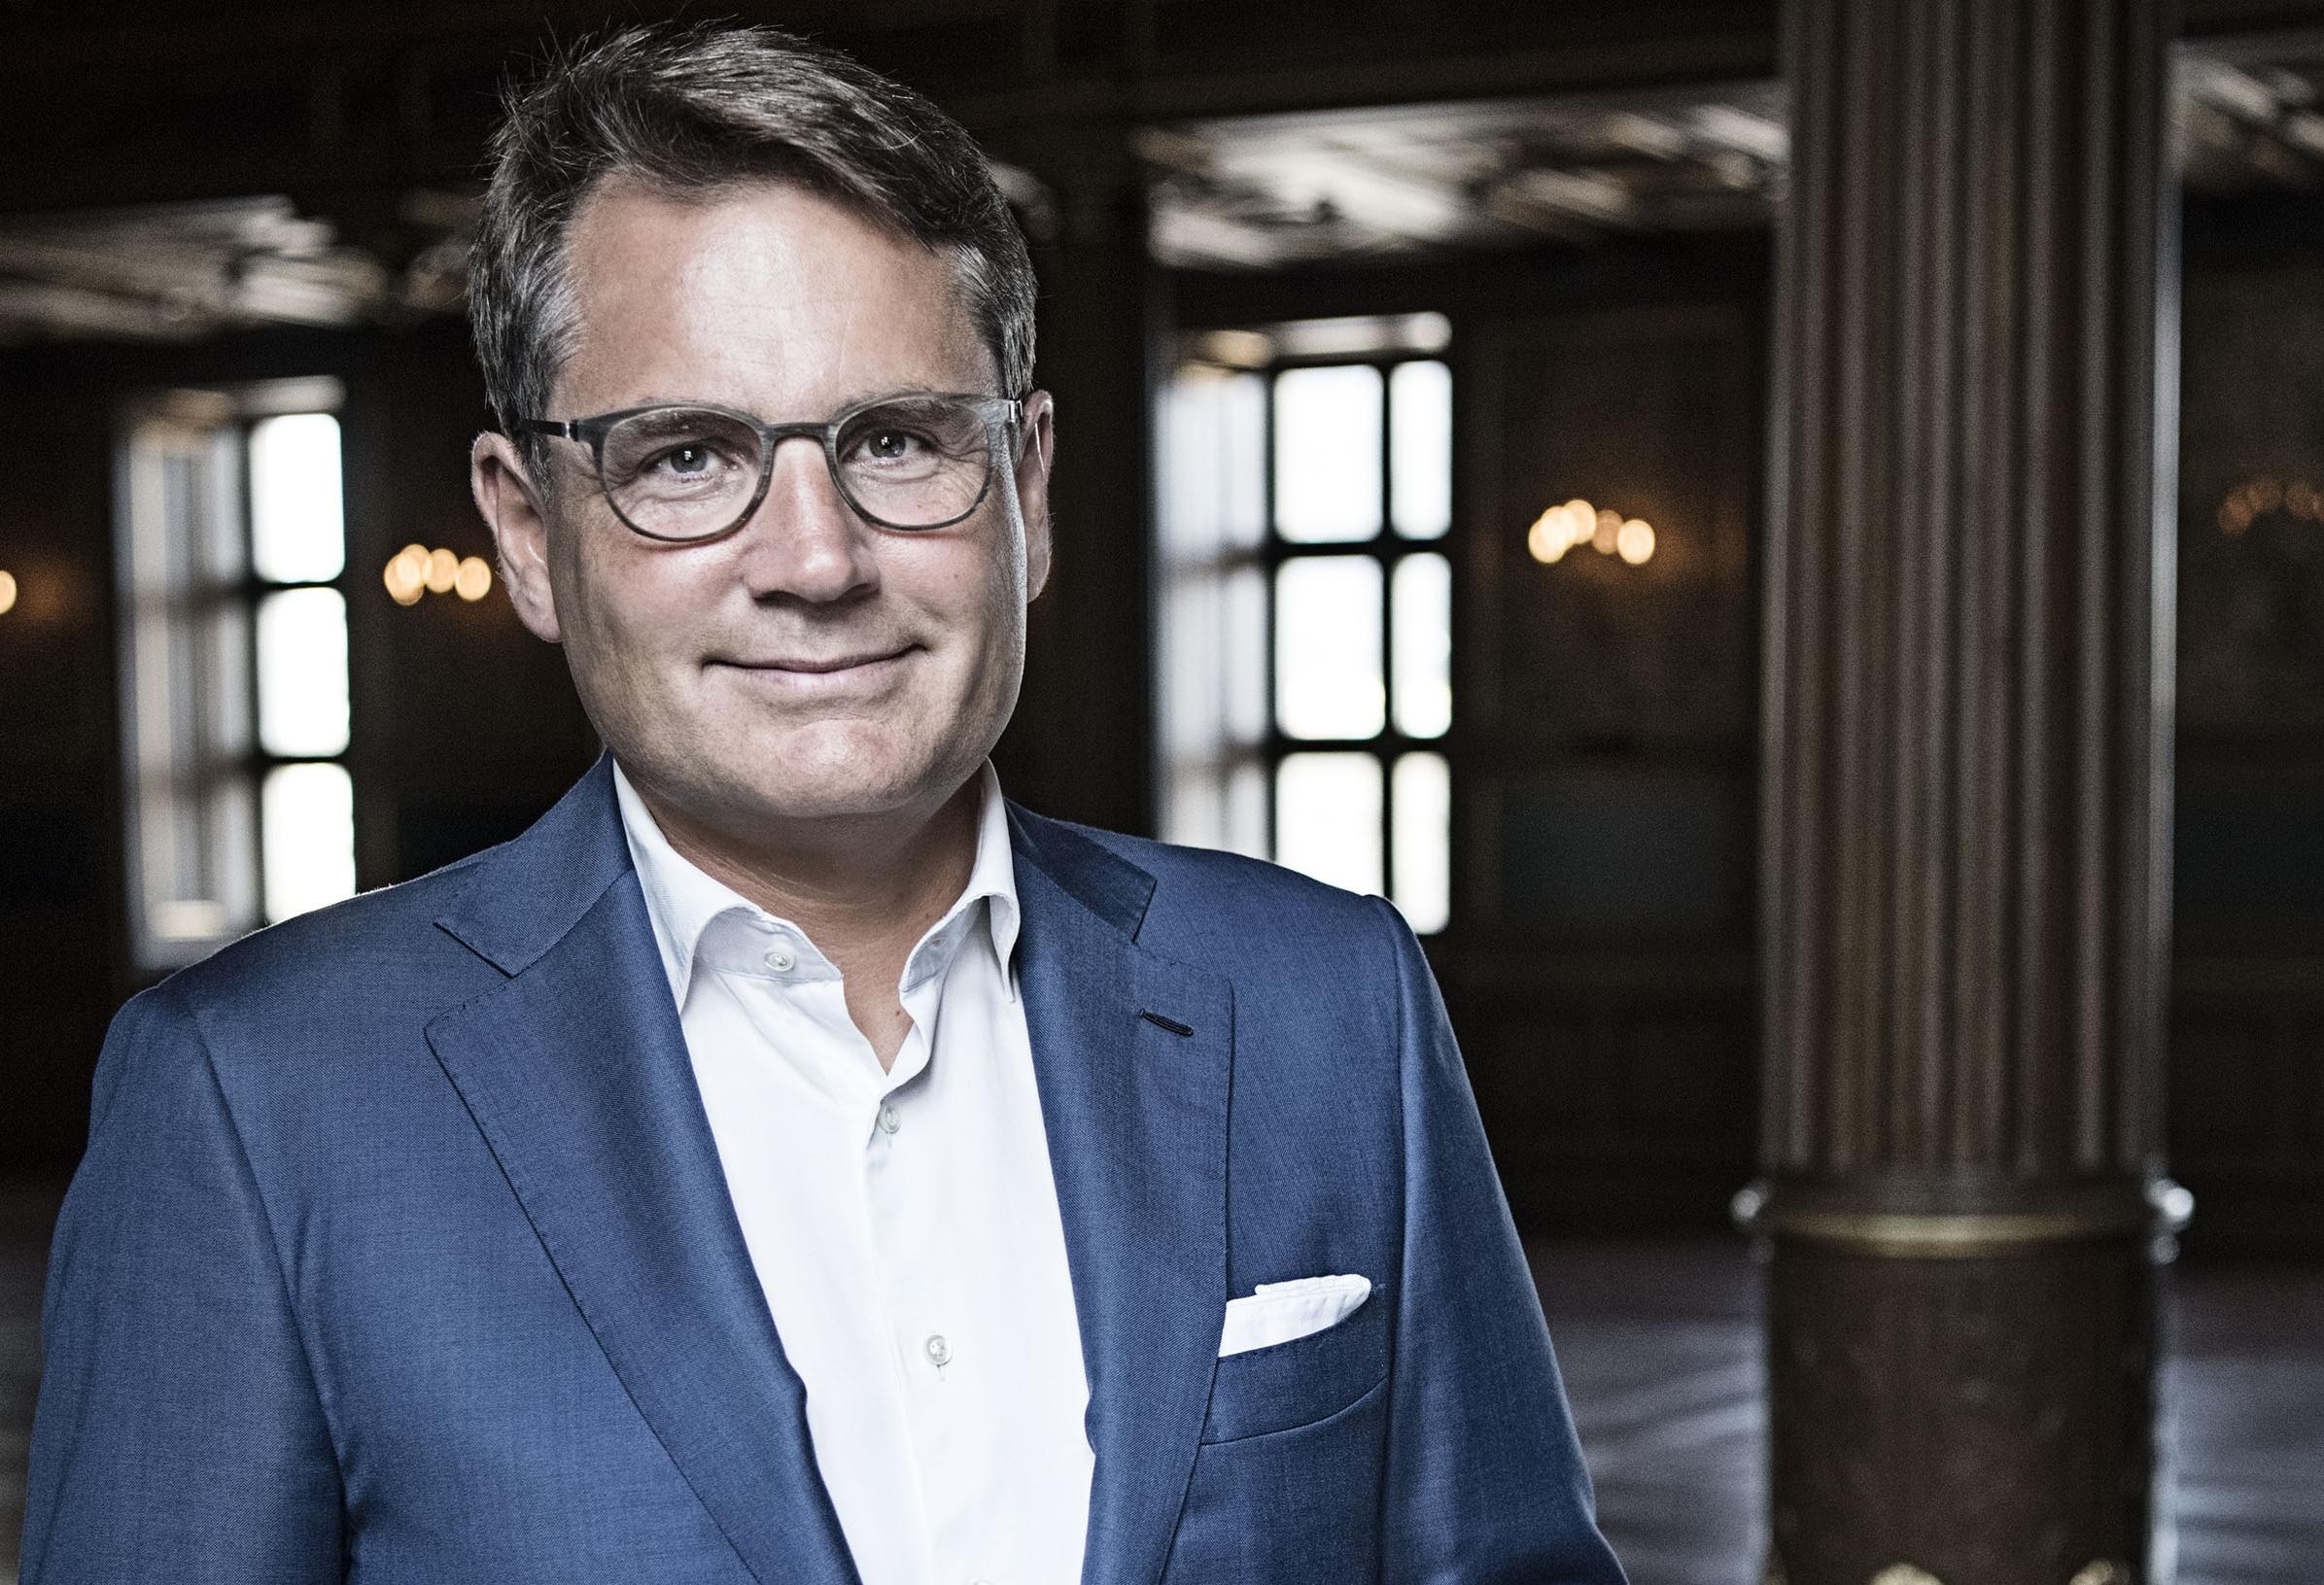 Dansk Erhvervs adm. direktør, tidligere økonomi- og erhvervsminister Brian Mikkelsen. Pressefoto: Helle Moos for Dansk Erhverv.